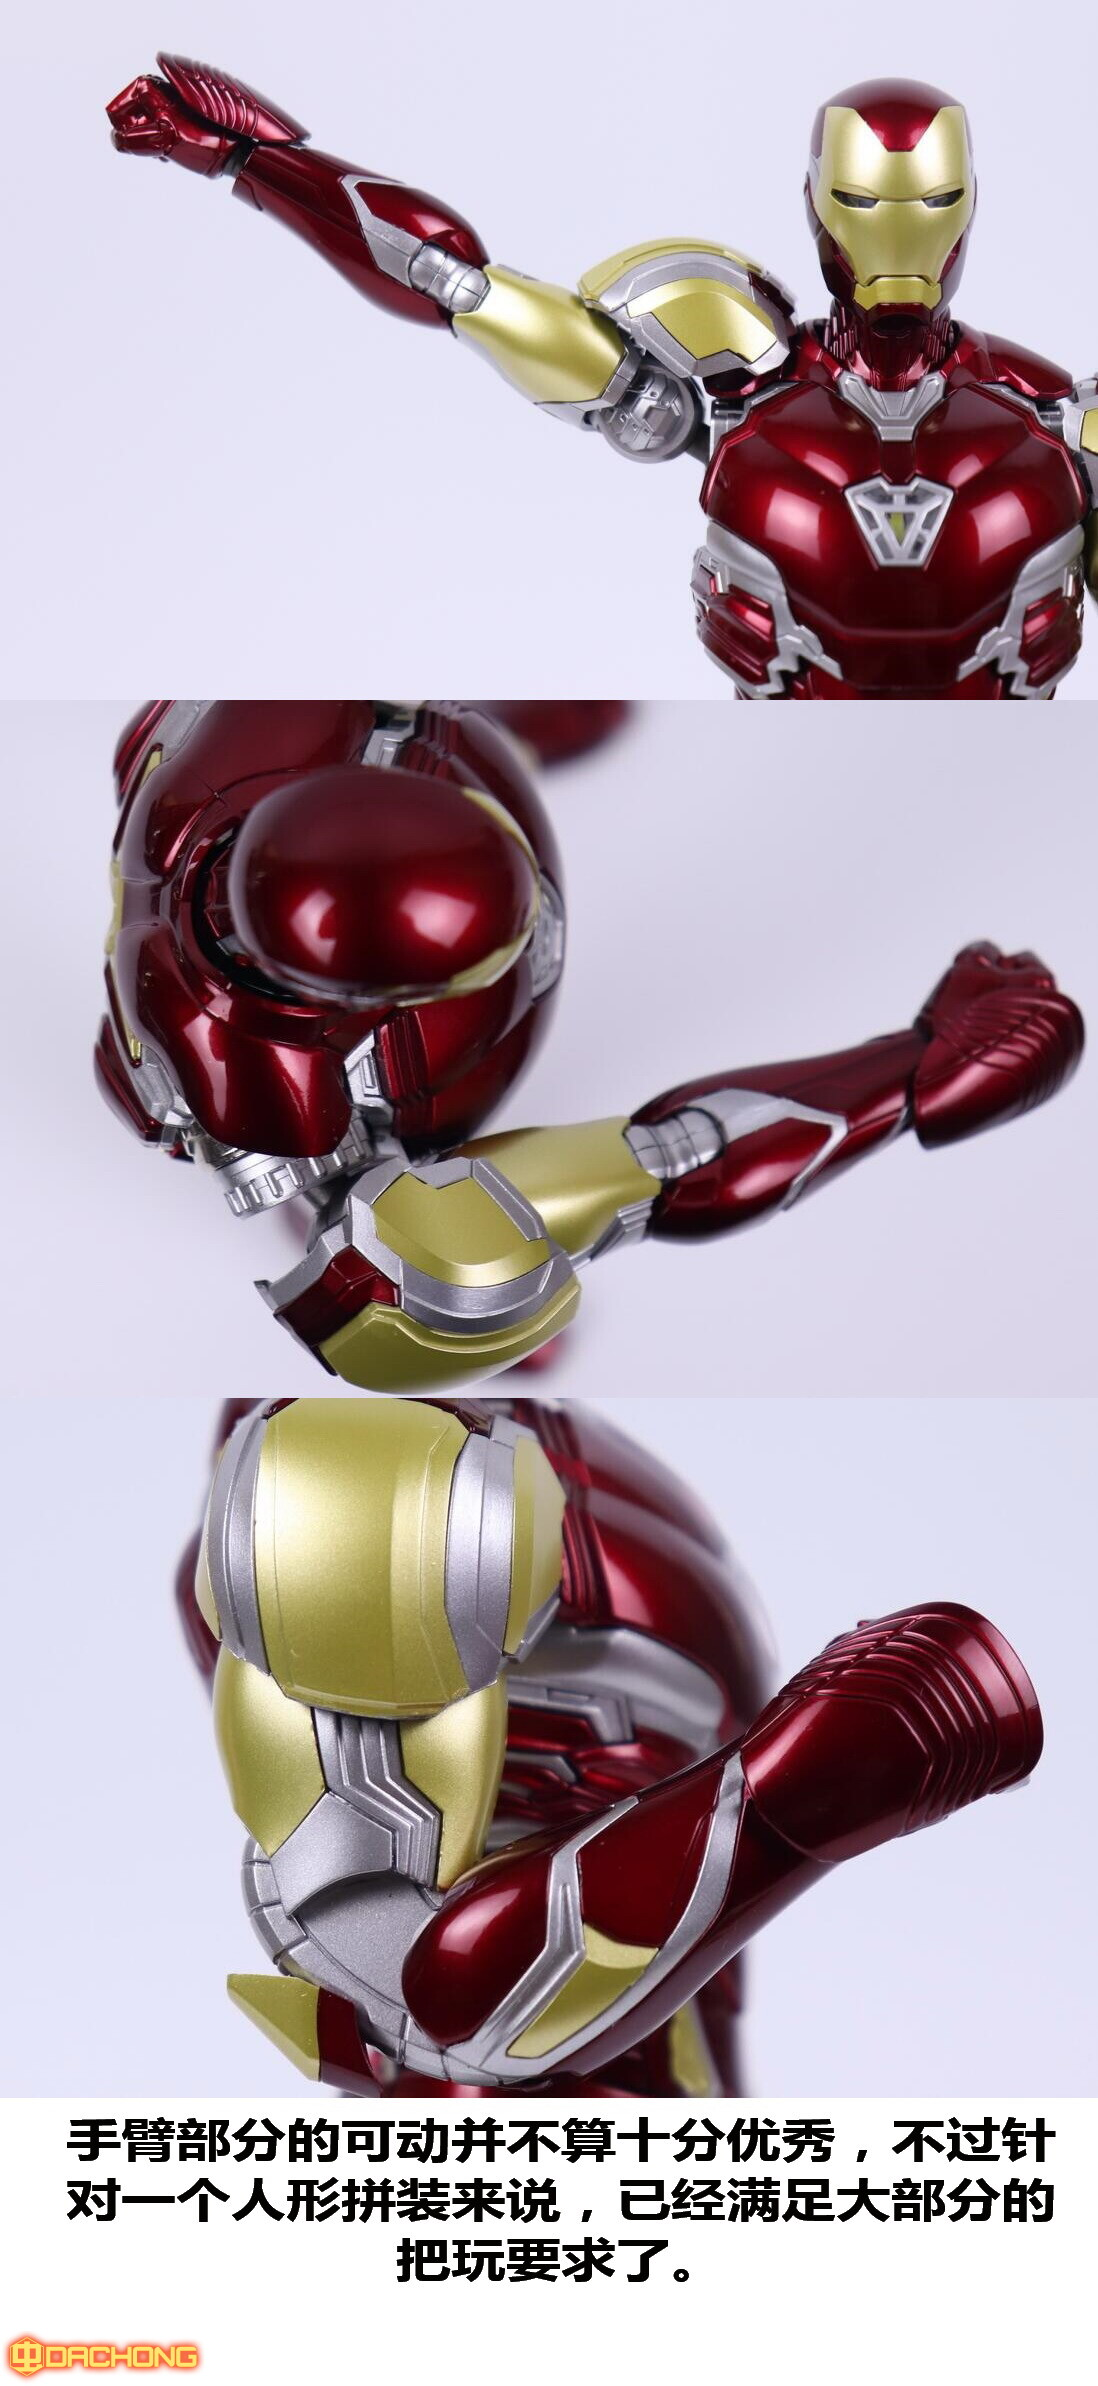 S498_2_e_model_ironman_mk85_dx_040.jpg